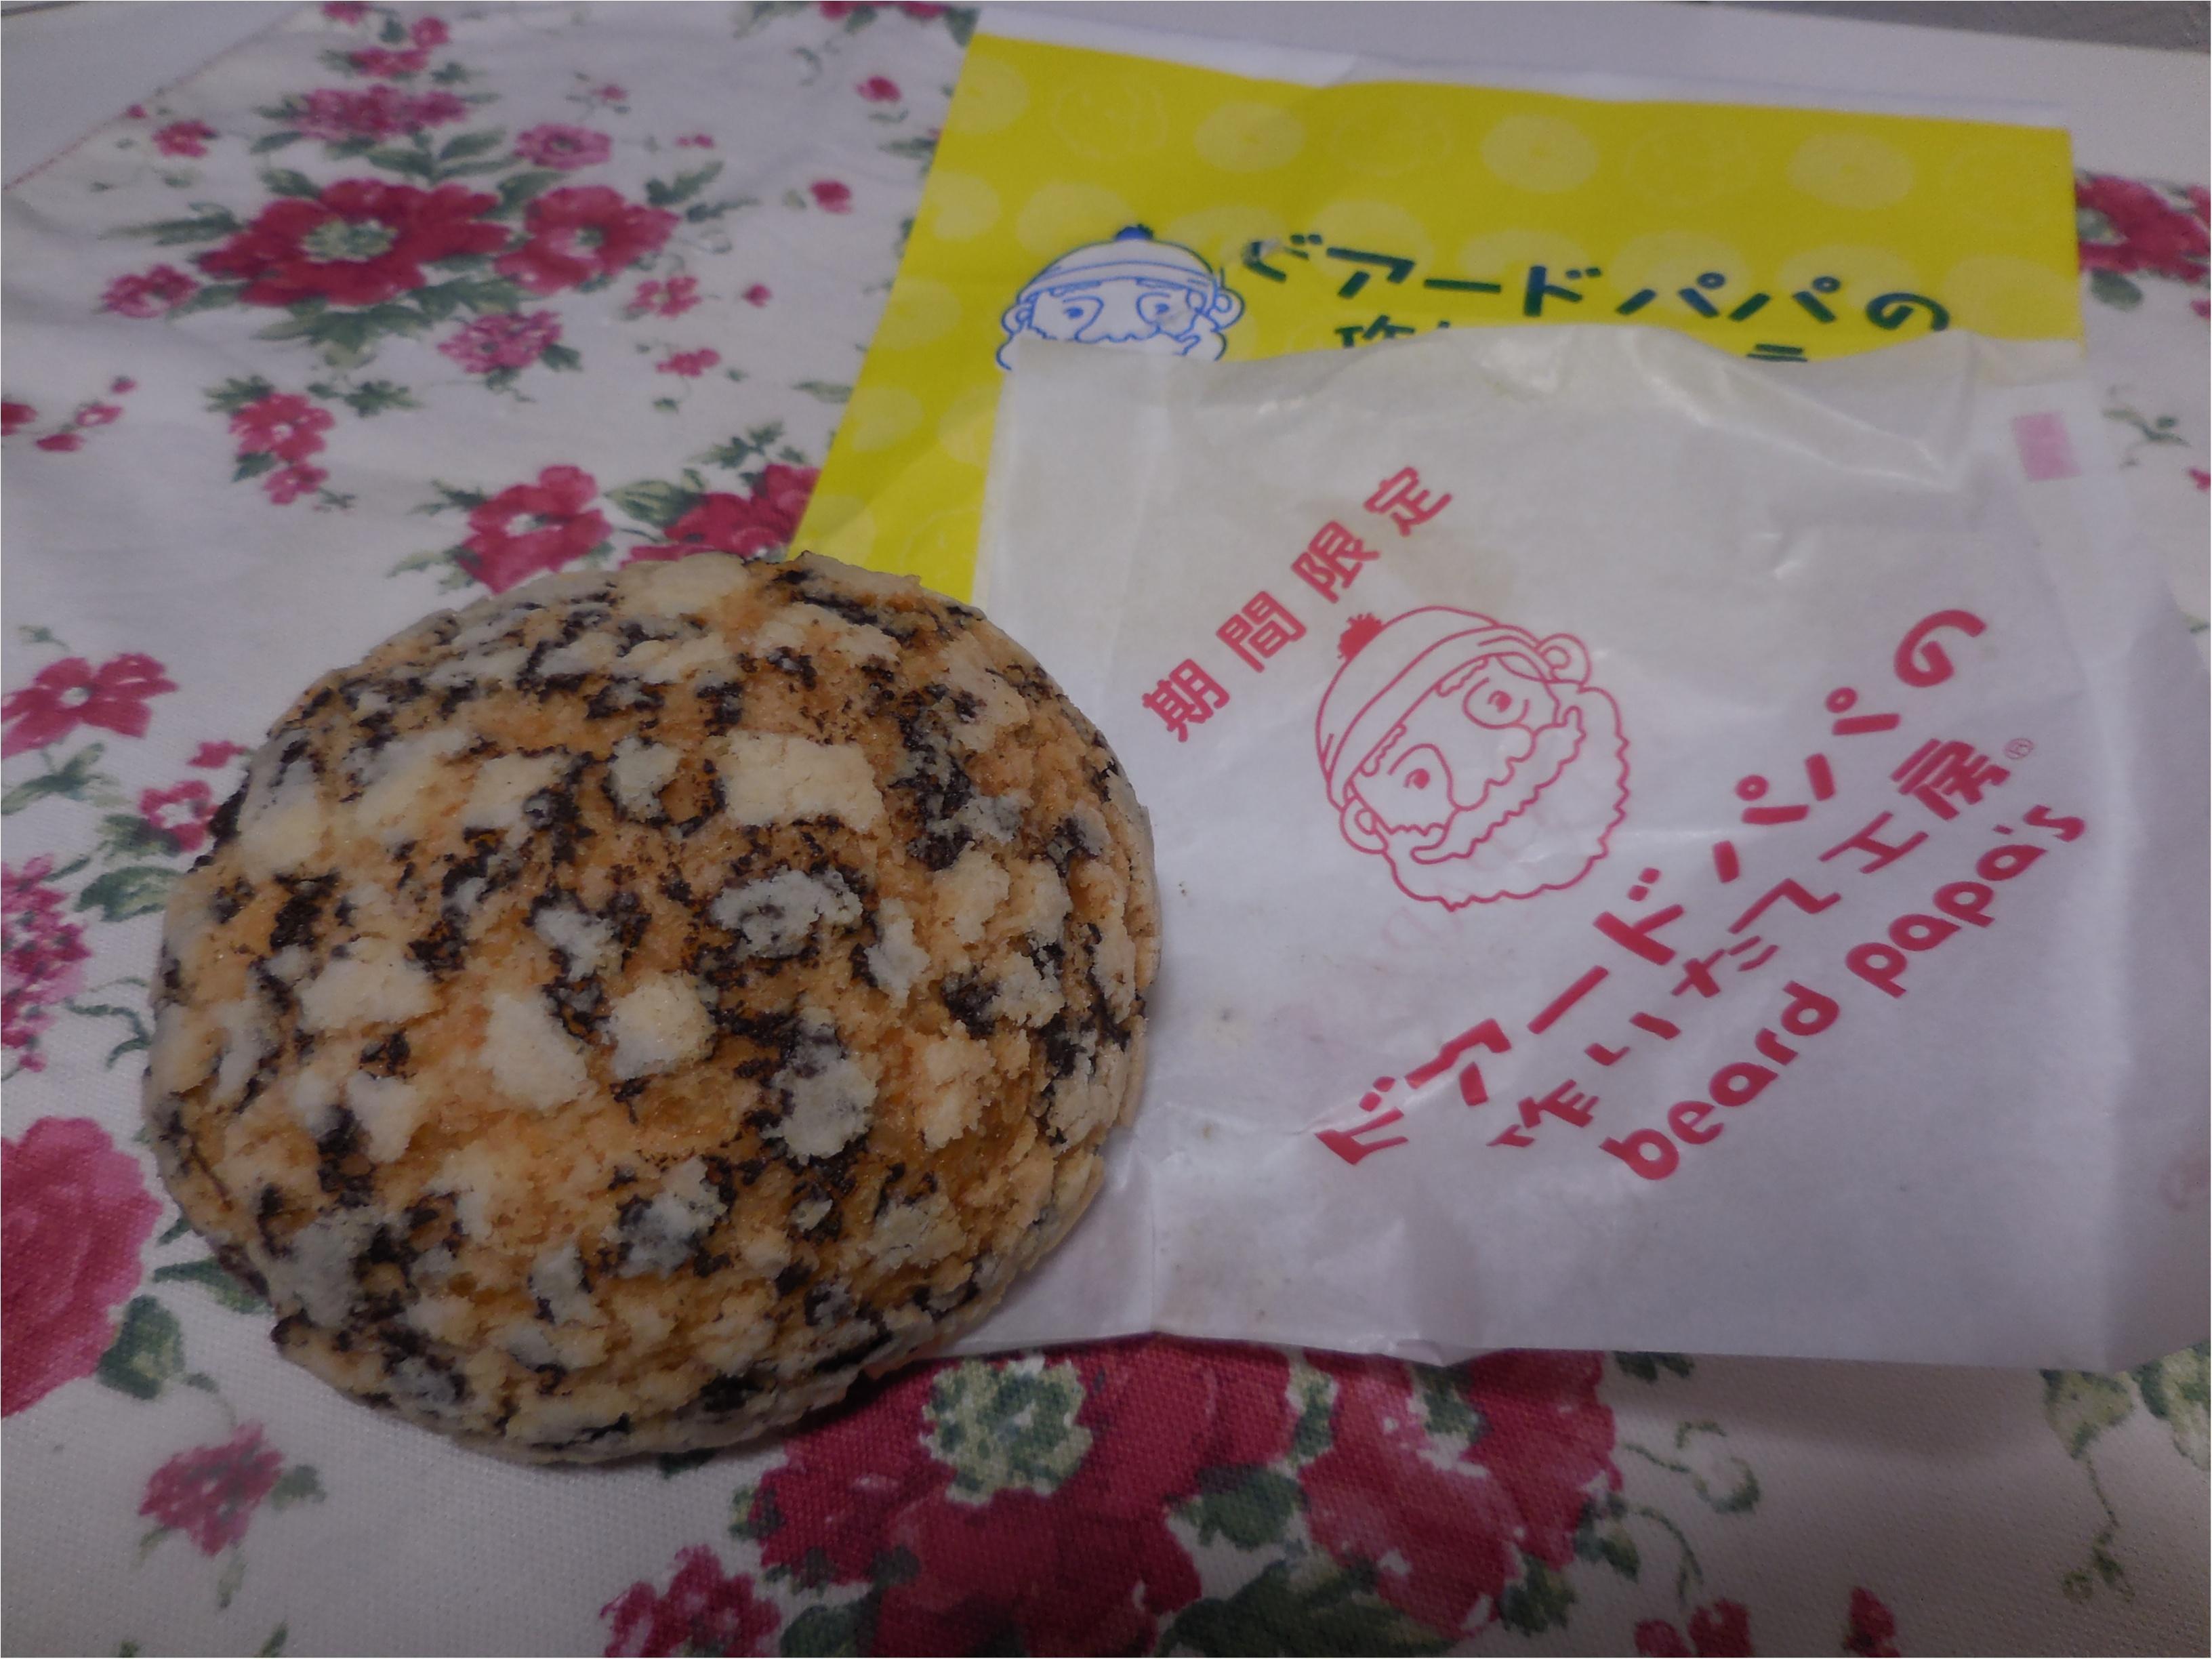 【ビアードパパ】チョコチップメロンパンシューがおいしい_3